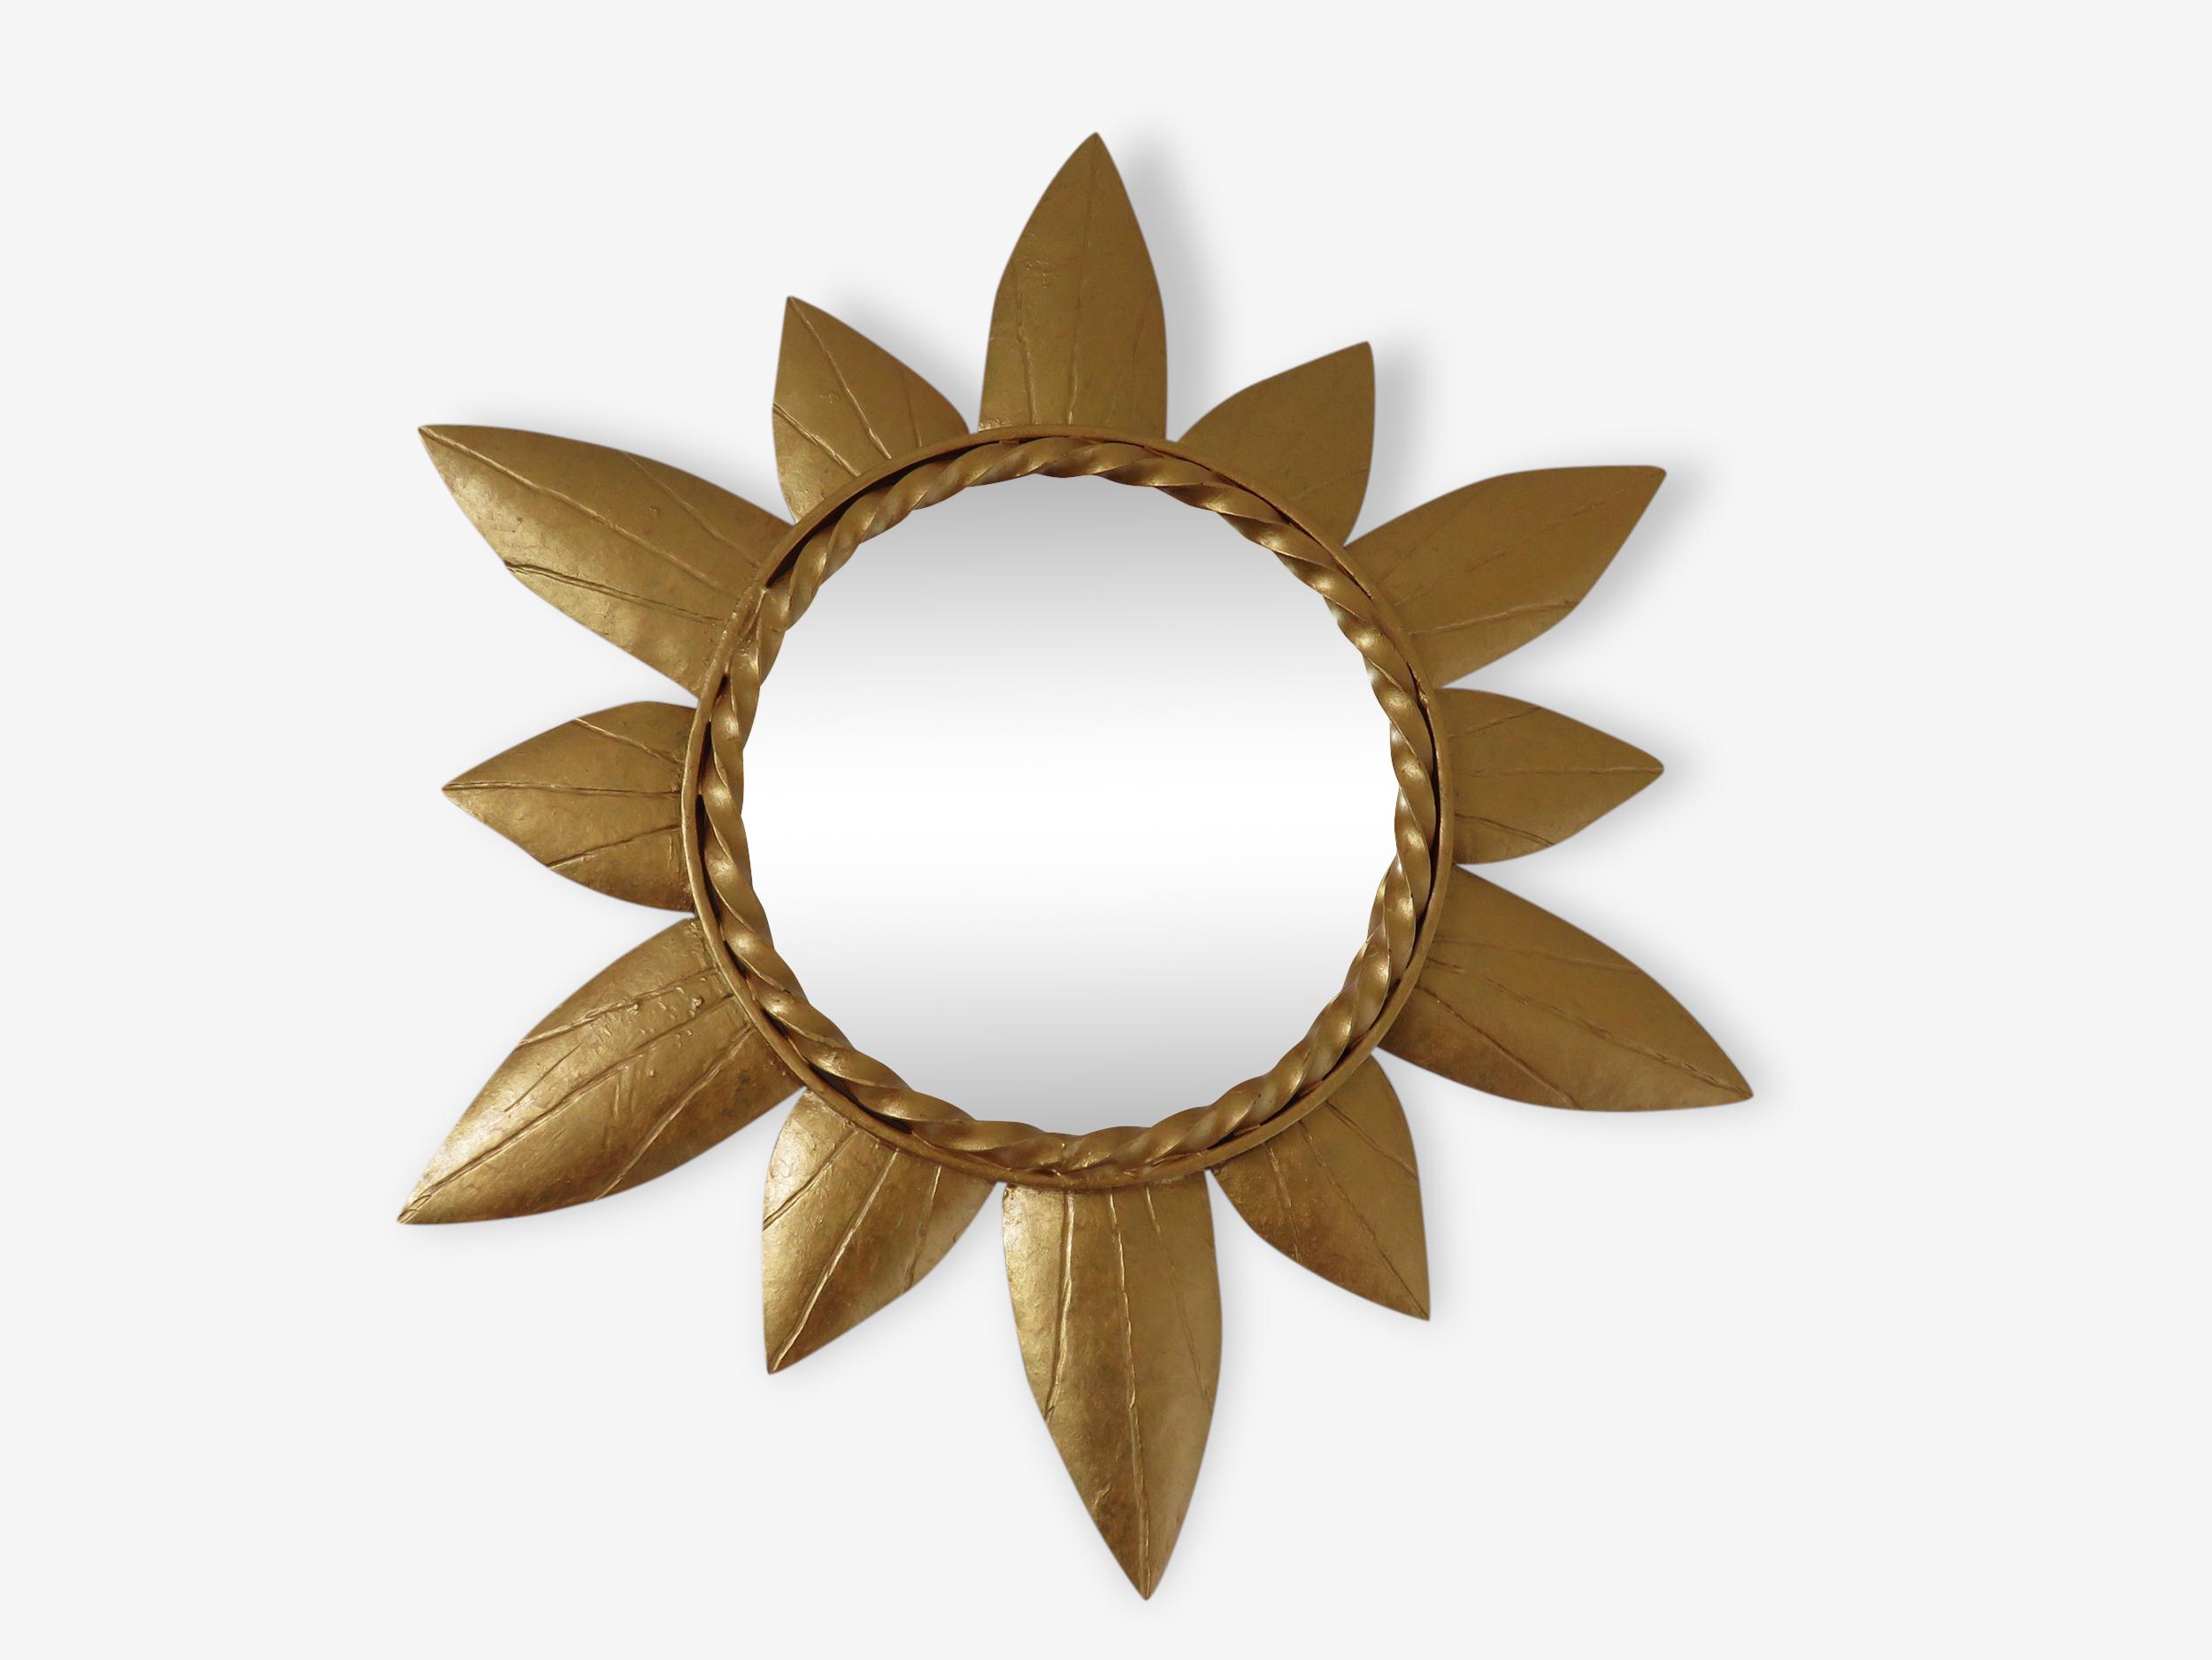 Miroir soleil en métal doré des années 60-70